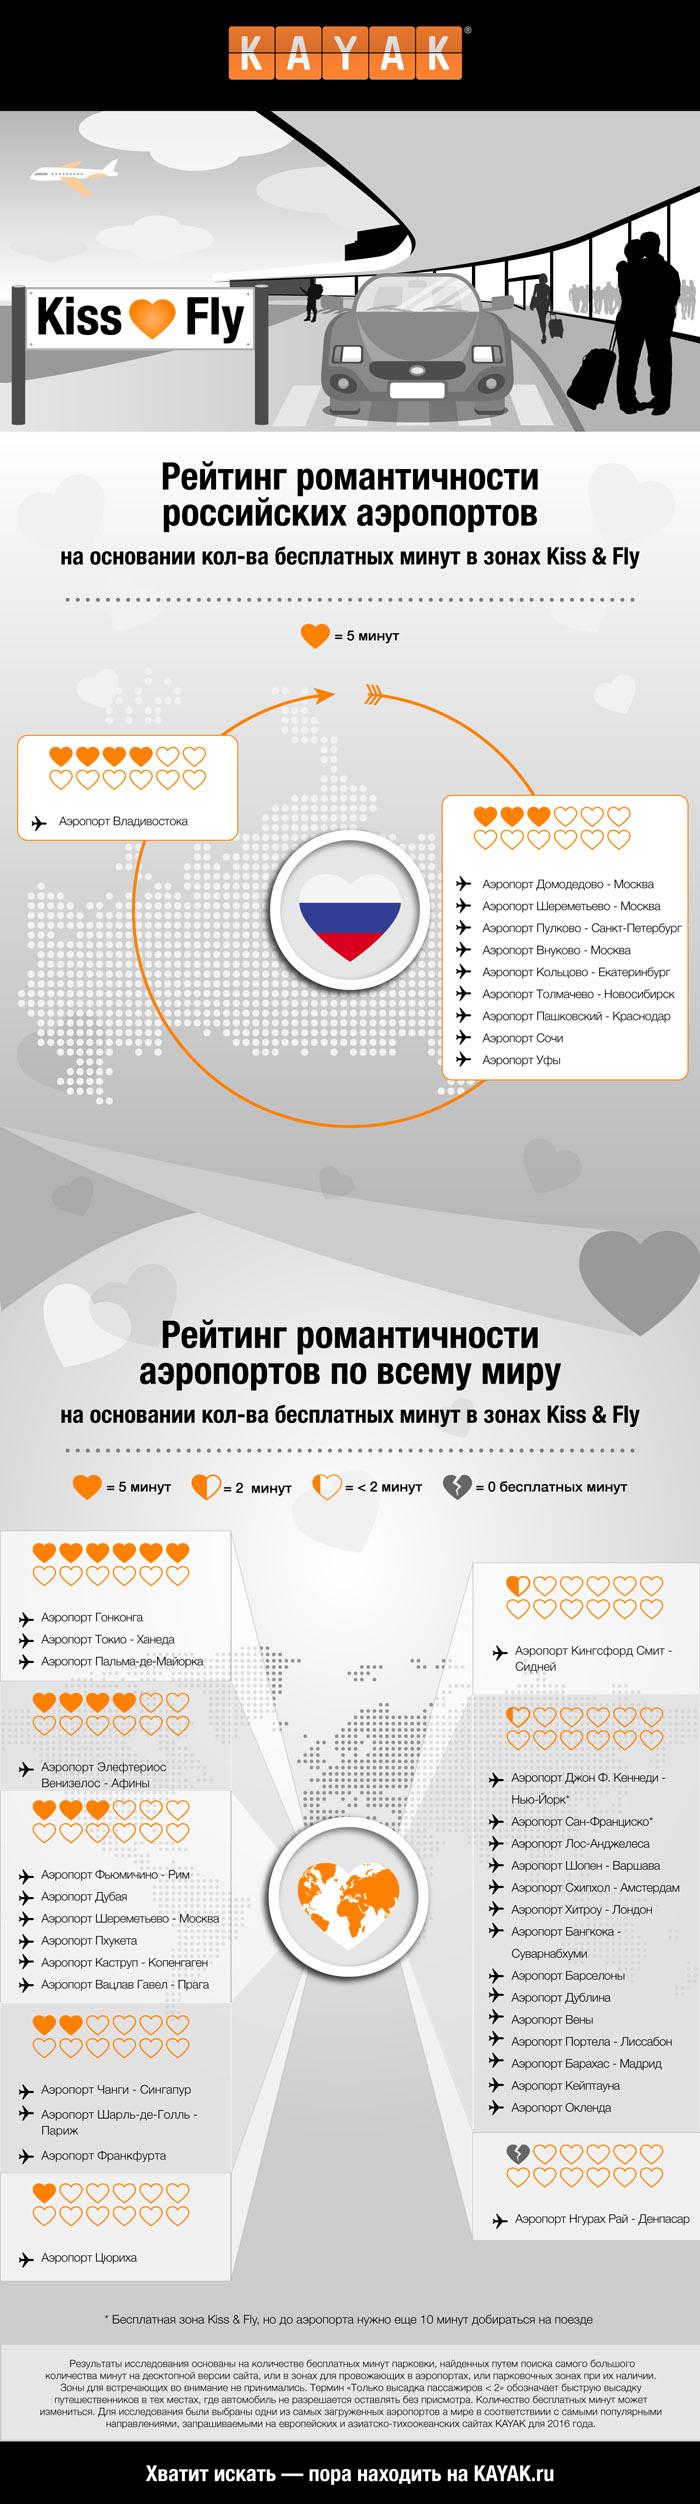 KAYAK.ru составил список самых романтических аэропортов по всему миру.